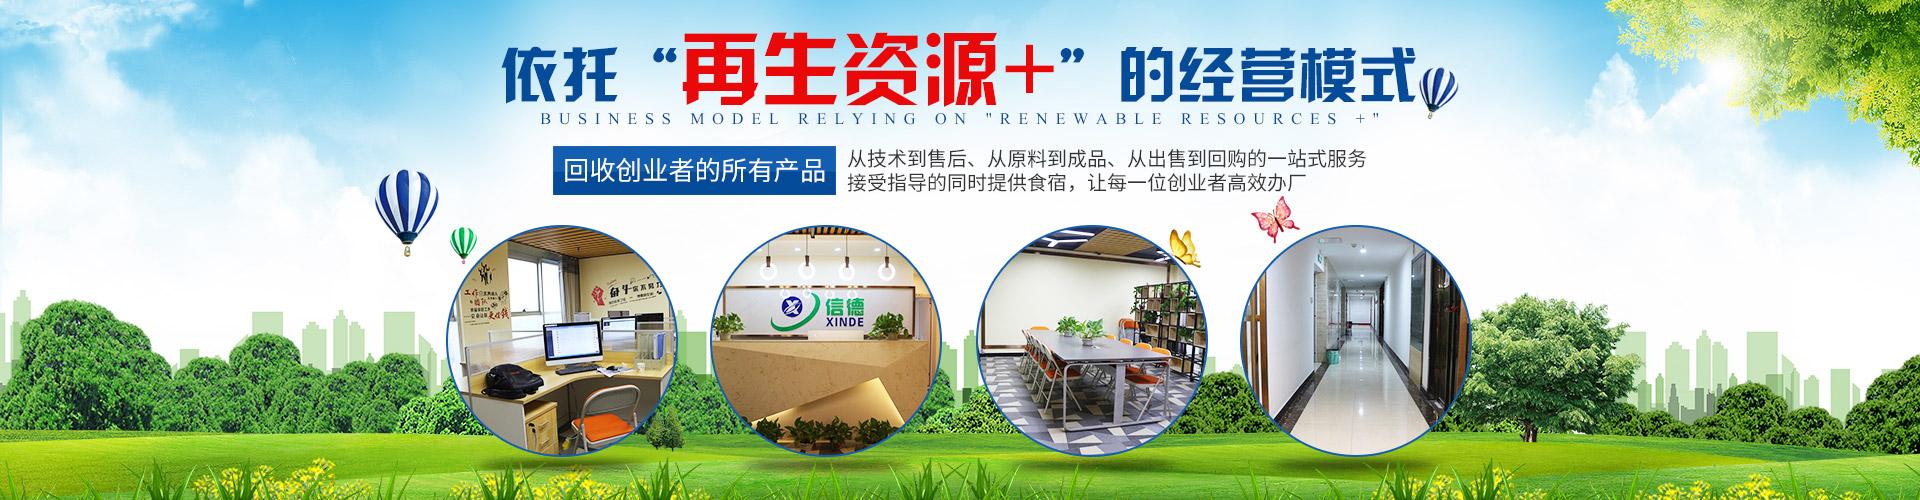 湖南信德资源循环技术服务有限公司_邵阳资源循环利用|设备研发生产销售推广